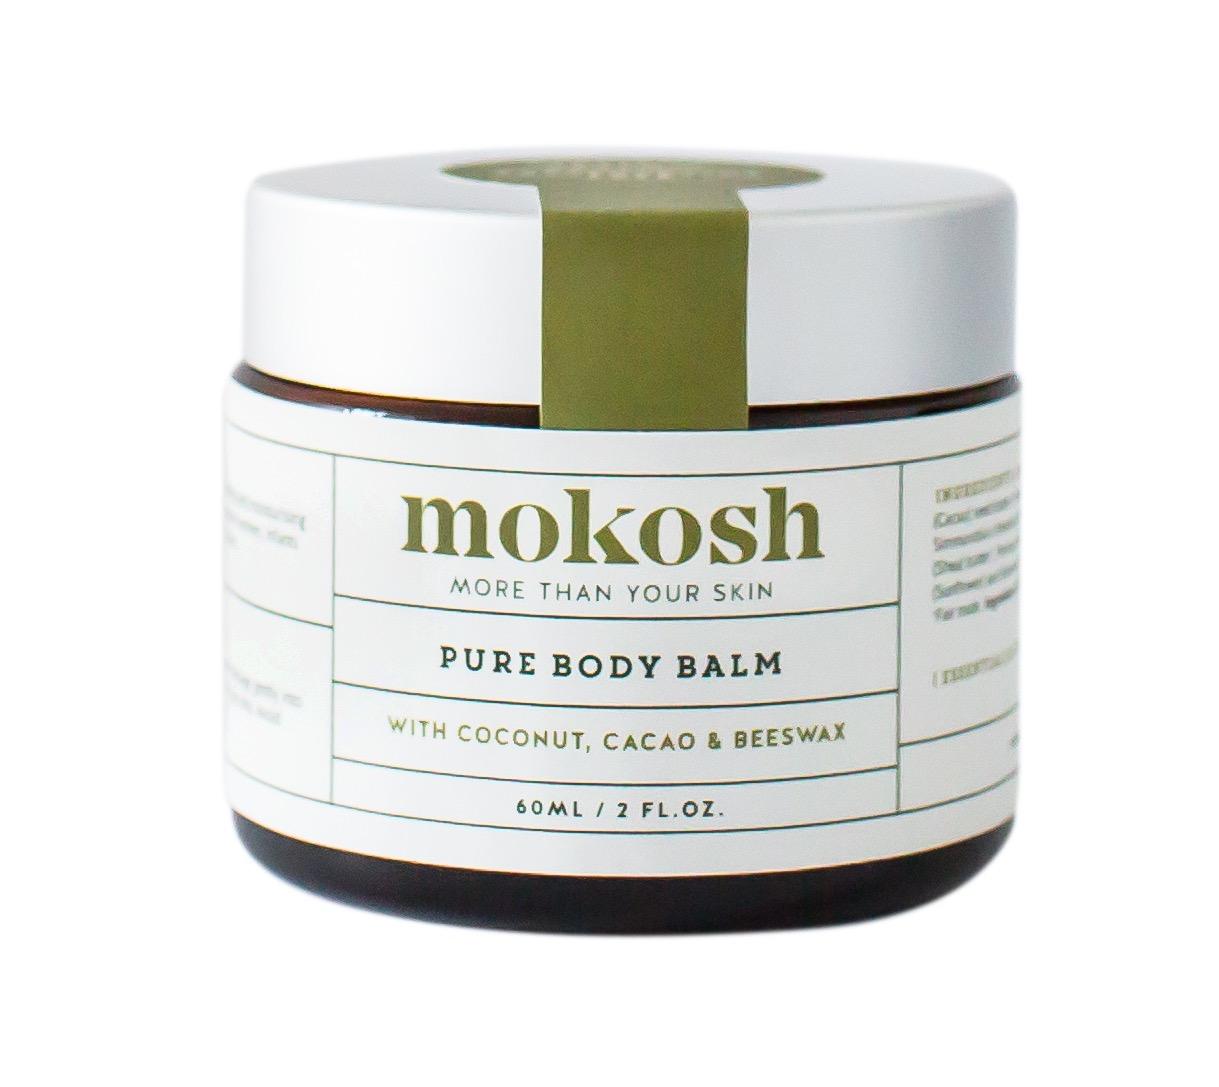 Mokosh Pure Body Balm.jpg